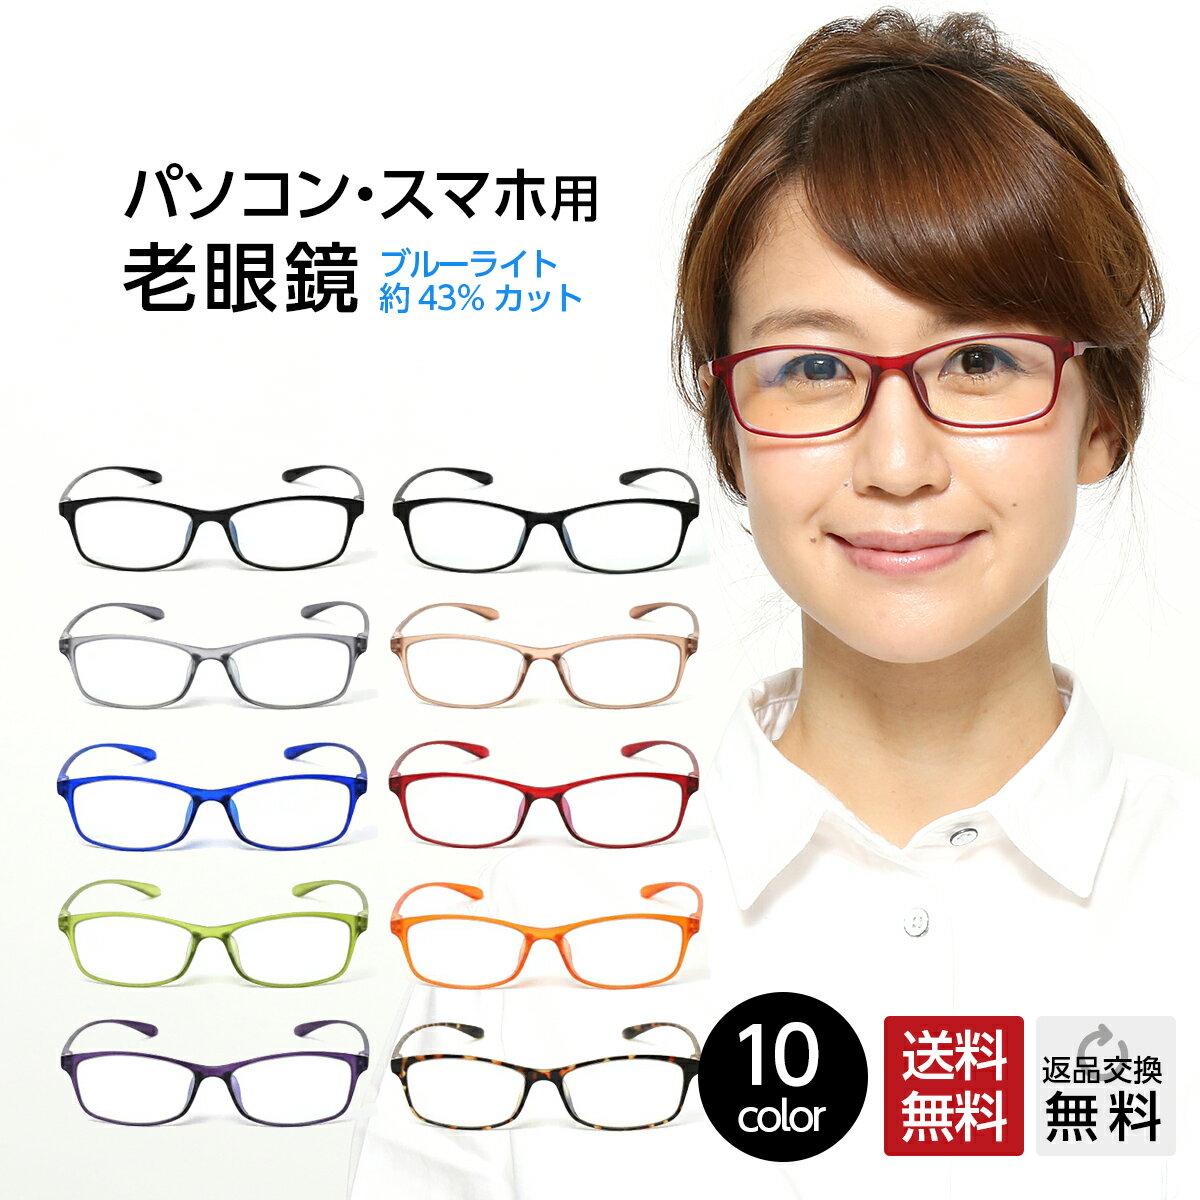 老眼鏡 ブルーライトカット43% 紫外線カット99% 超軽量 カラフルで楽しいパソコン・スマホ用老眼鏡 10カラー 軽すぎて羽のようなかけ心地 男性用 女性用 メンズ レディース おしゃれ リーディンググラス シニアグラス 超軽量モダンスクエア